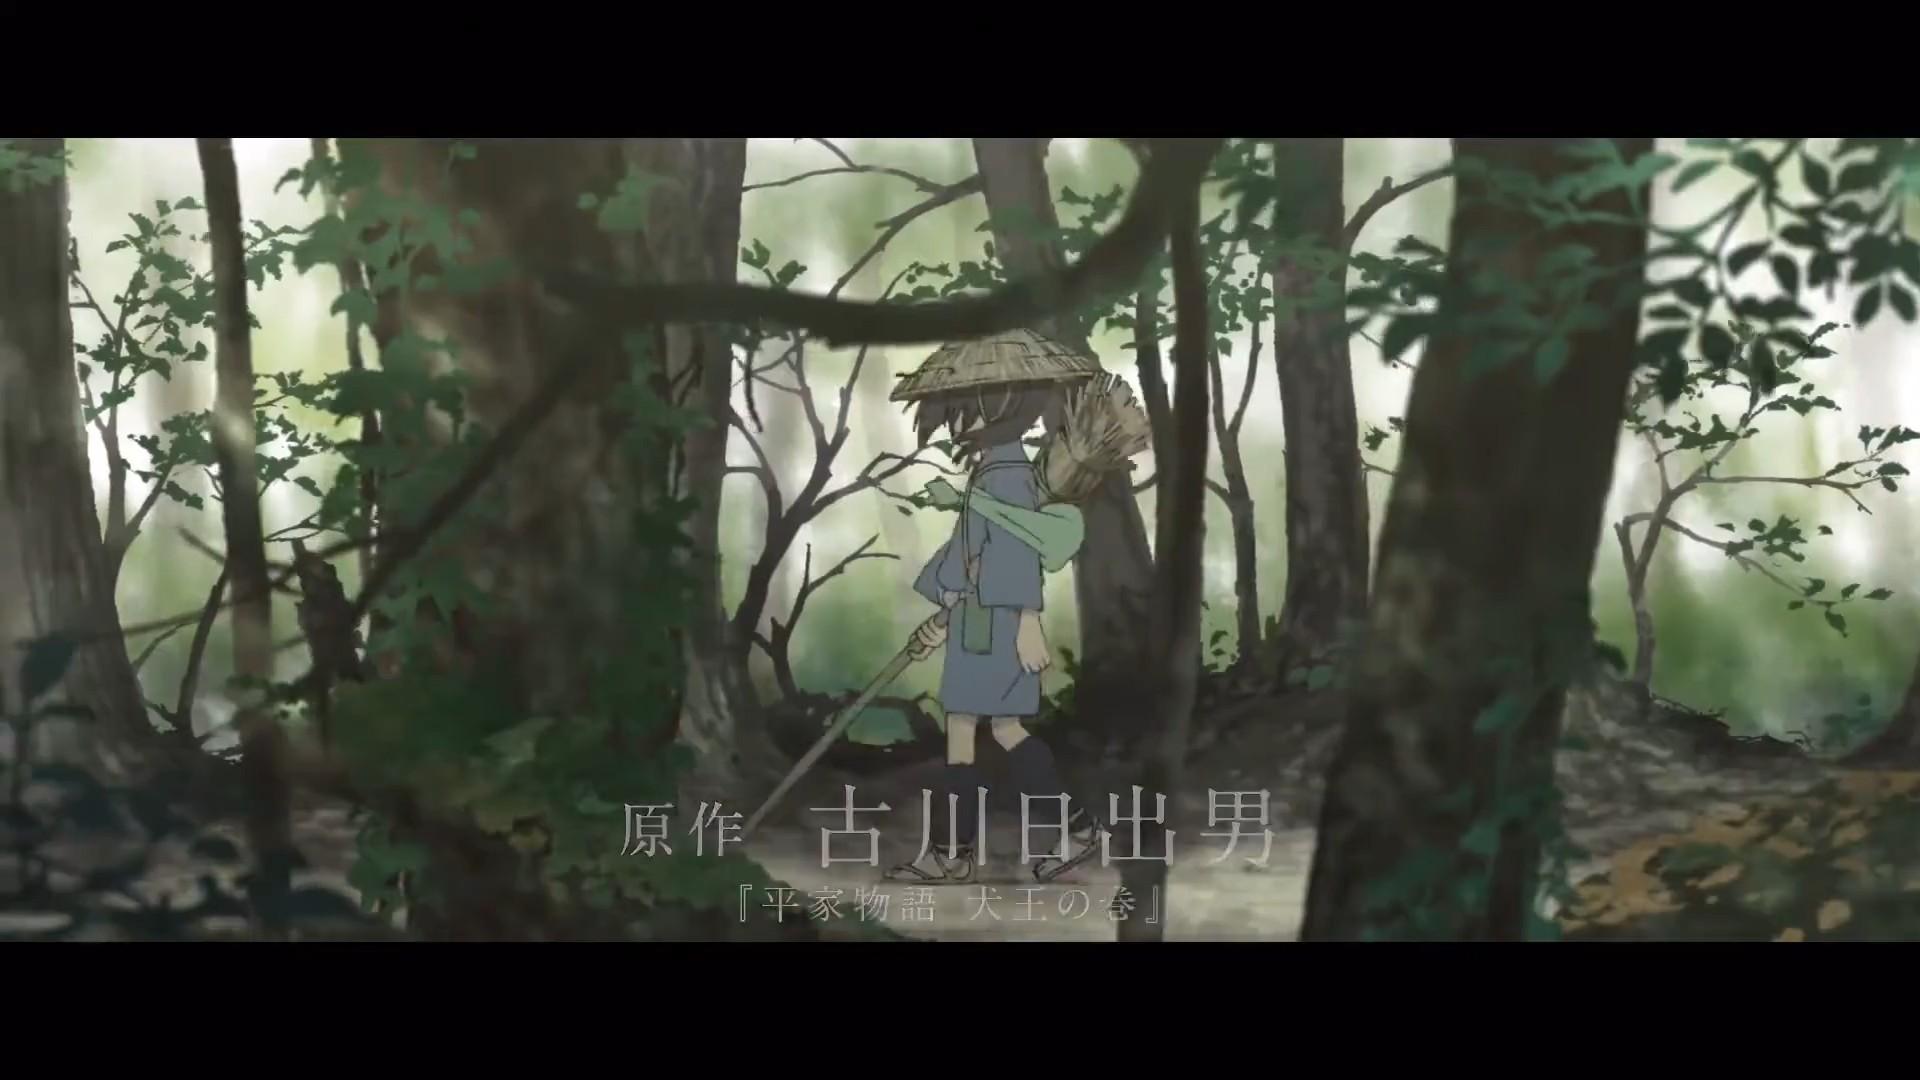 【动漫情报】汤浅政明新作动画电影《犬王》特报PV公开,2022年初夏上映